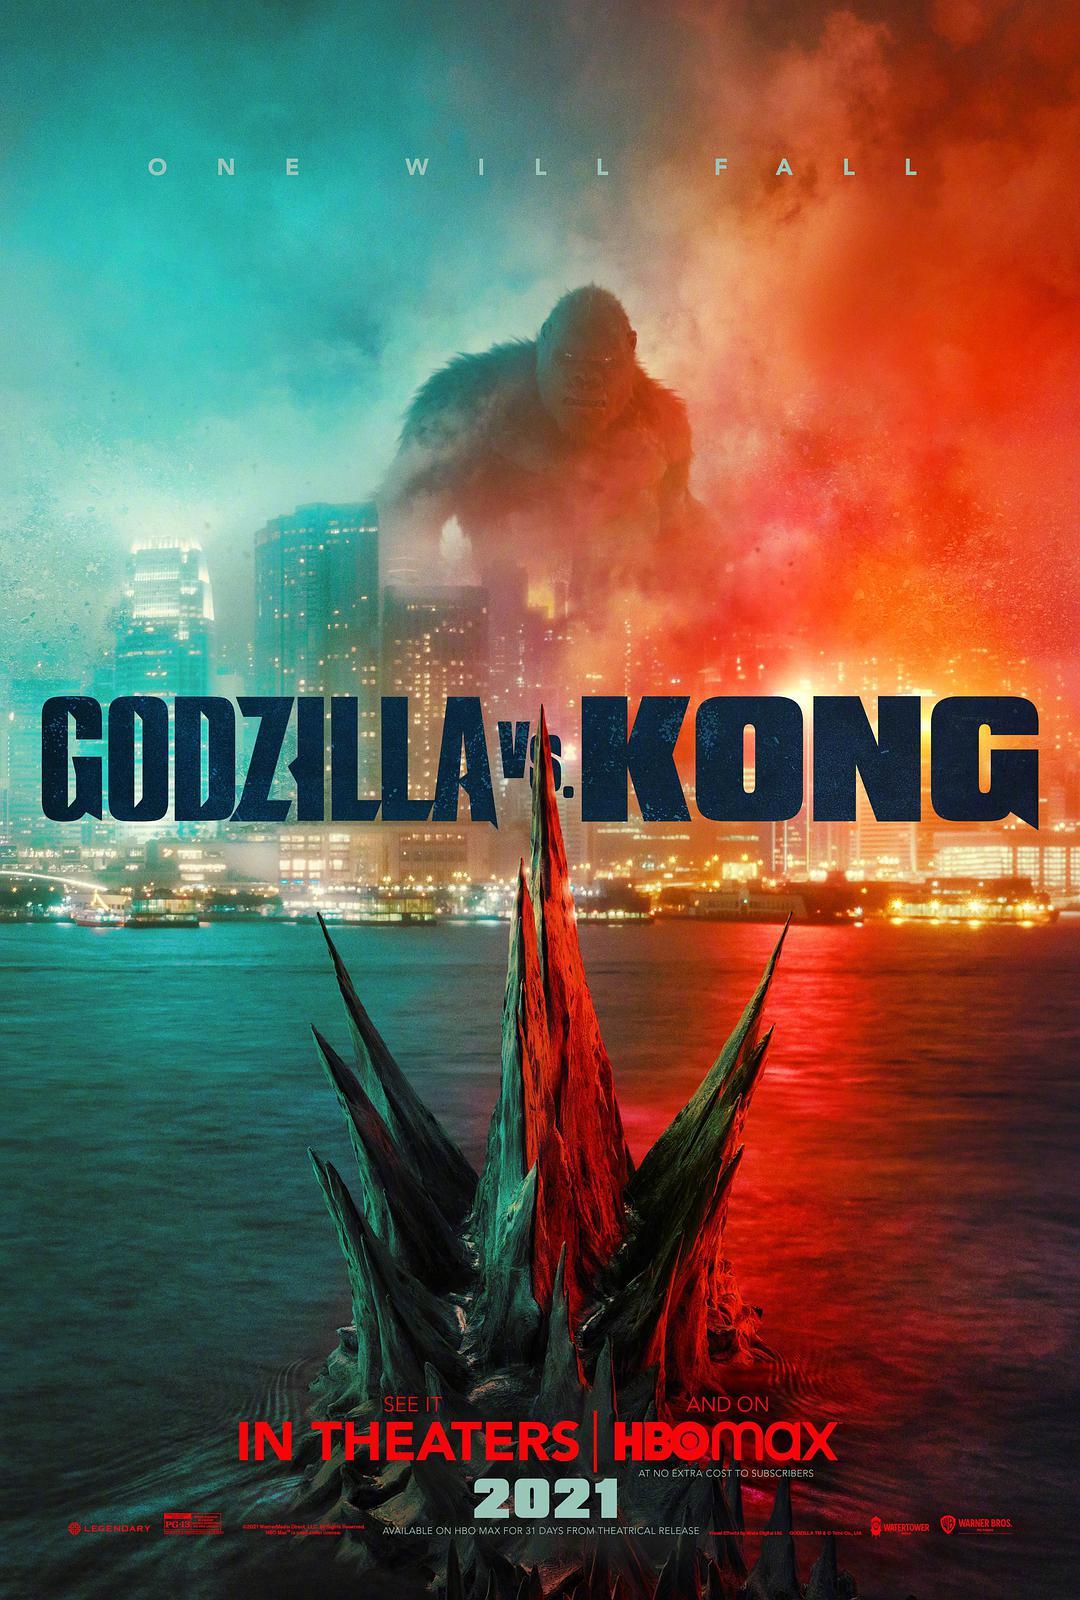 【电影预告】哥斯拉大战金刚 Godzilla vs Kong 2021-03-26 中国大陆上映